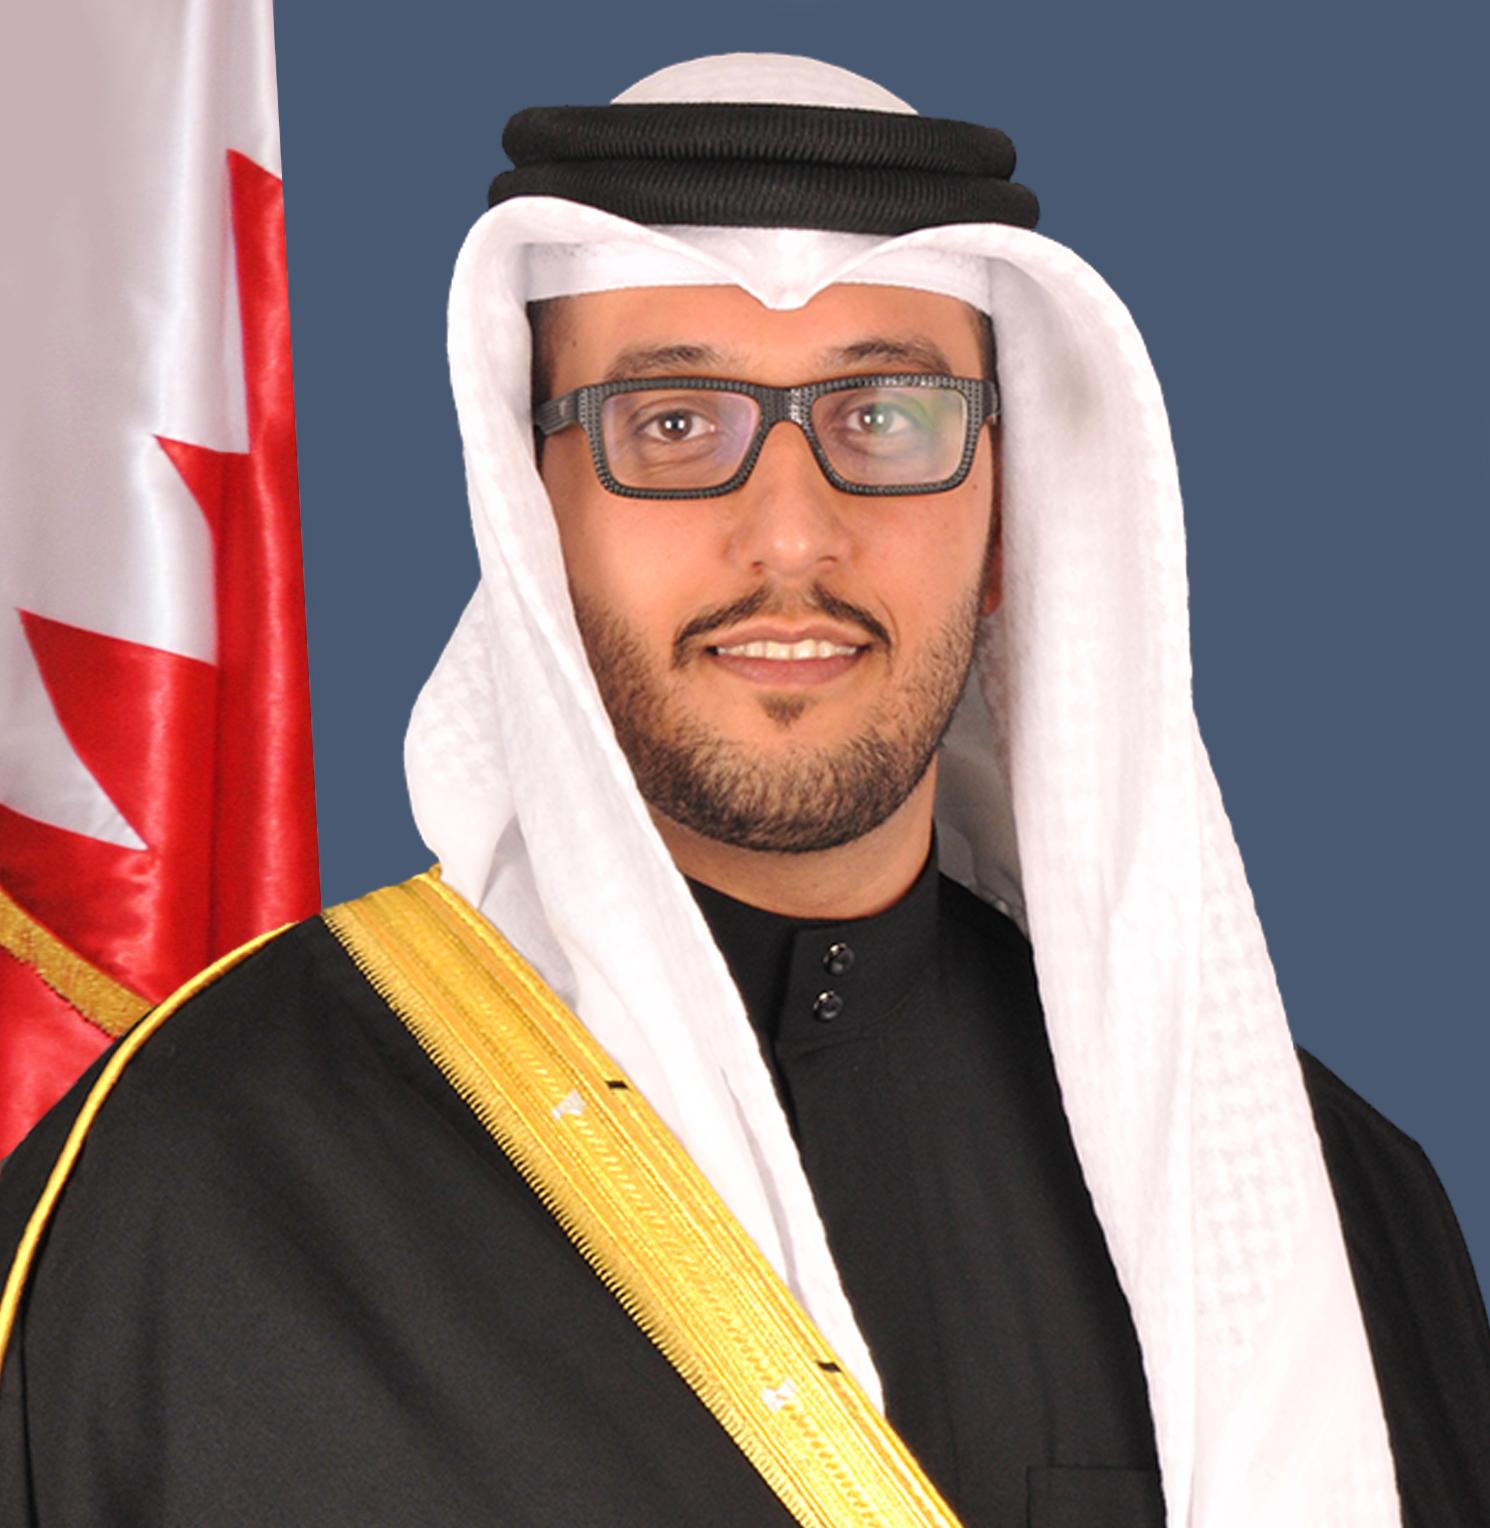 محمد عيسى البوفلاسه